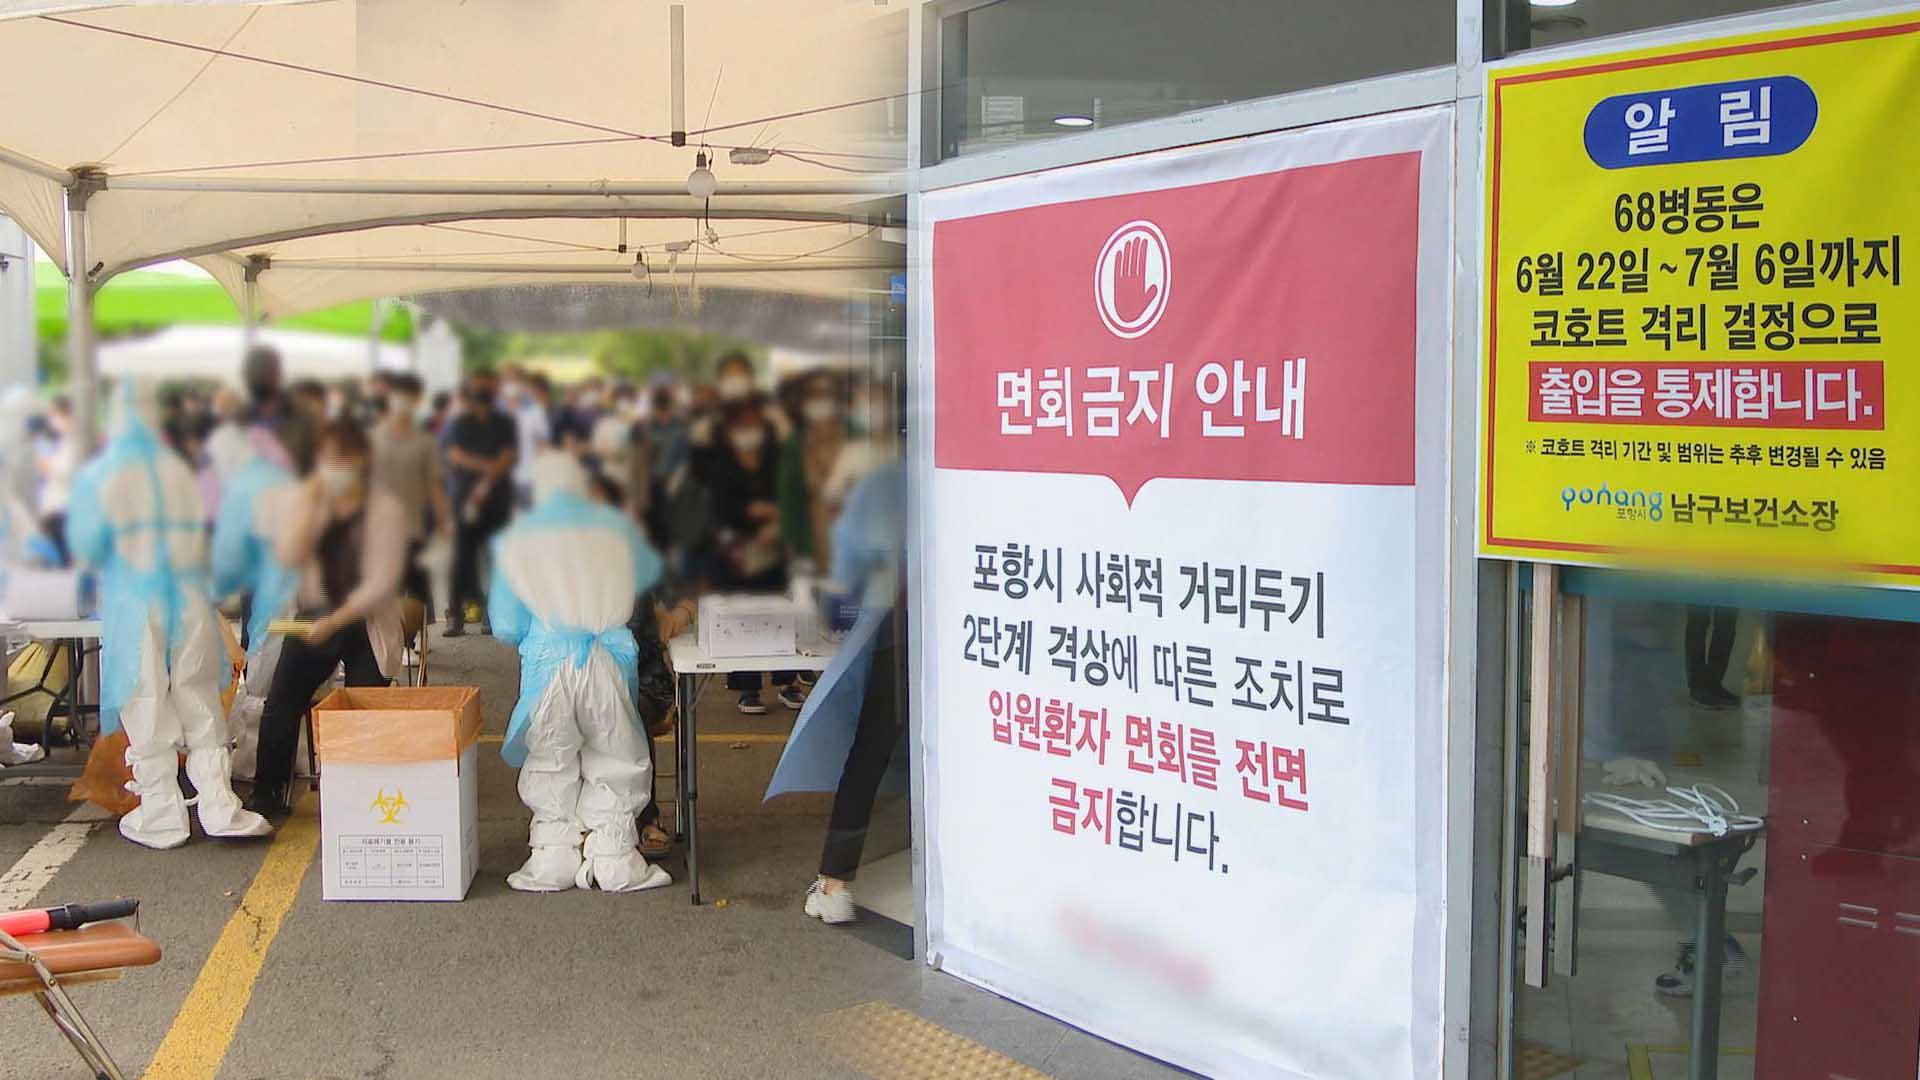 대전서 알파 변이 집단감염…포항 종합병원 동일집단 격리